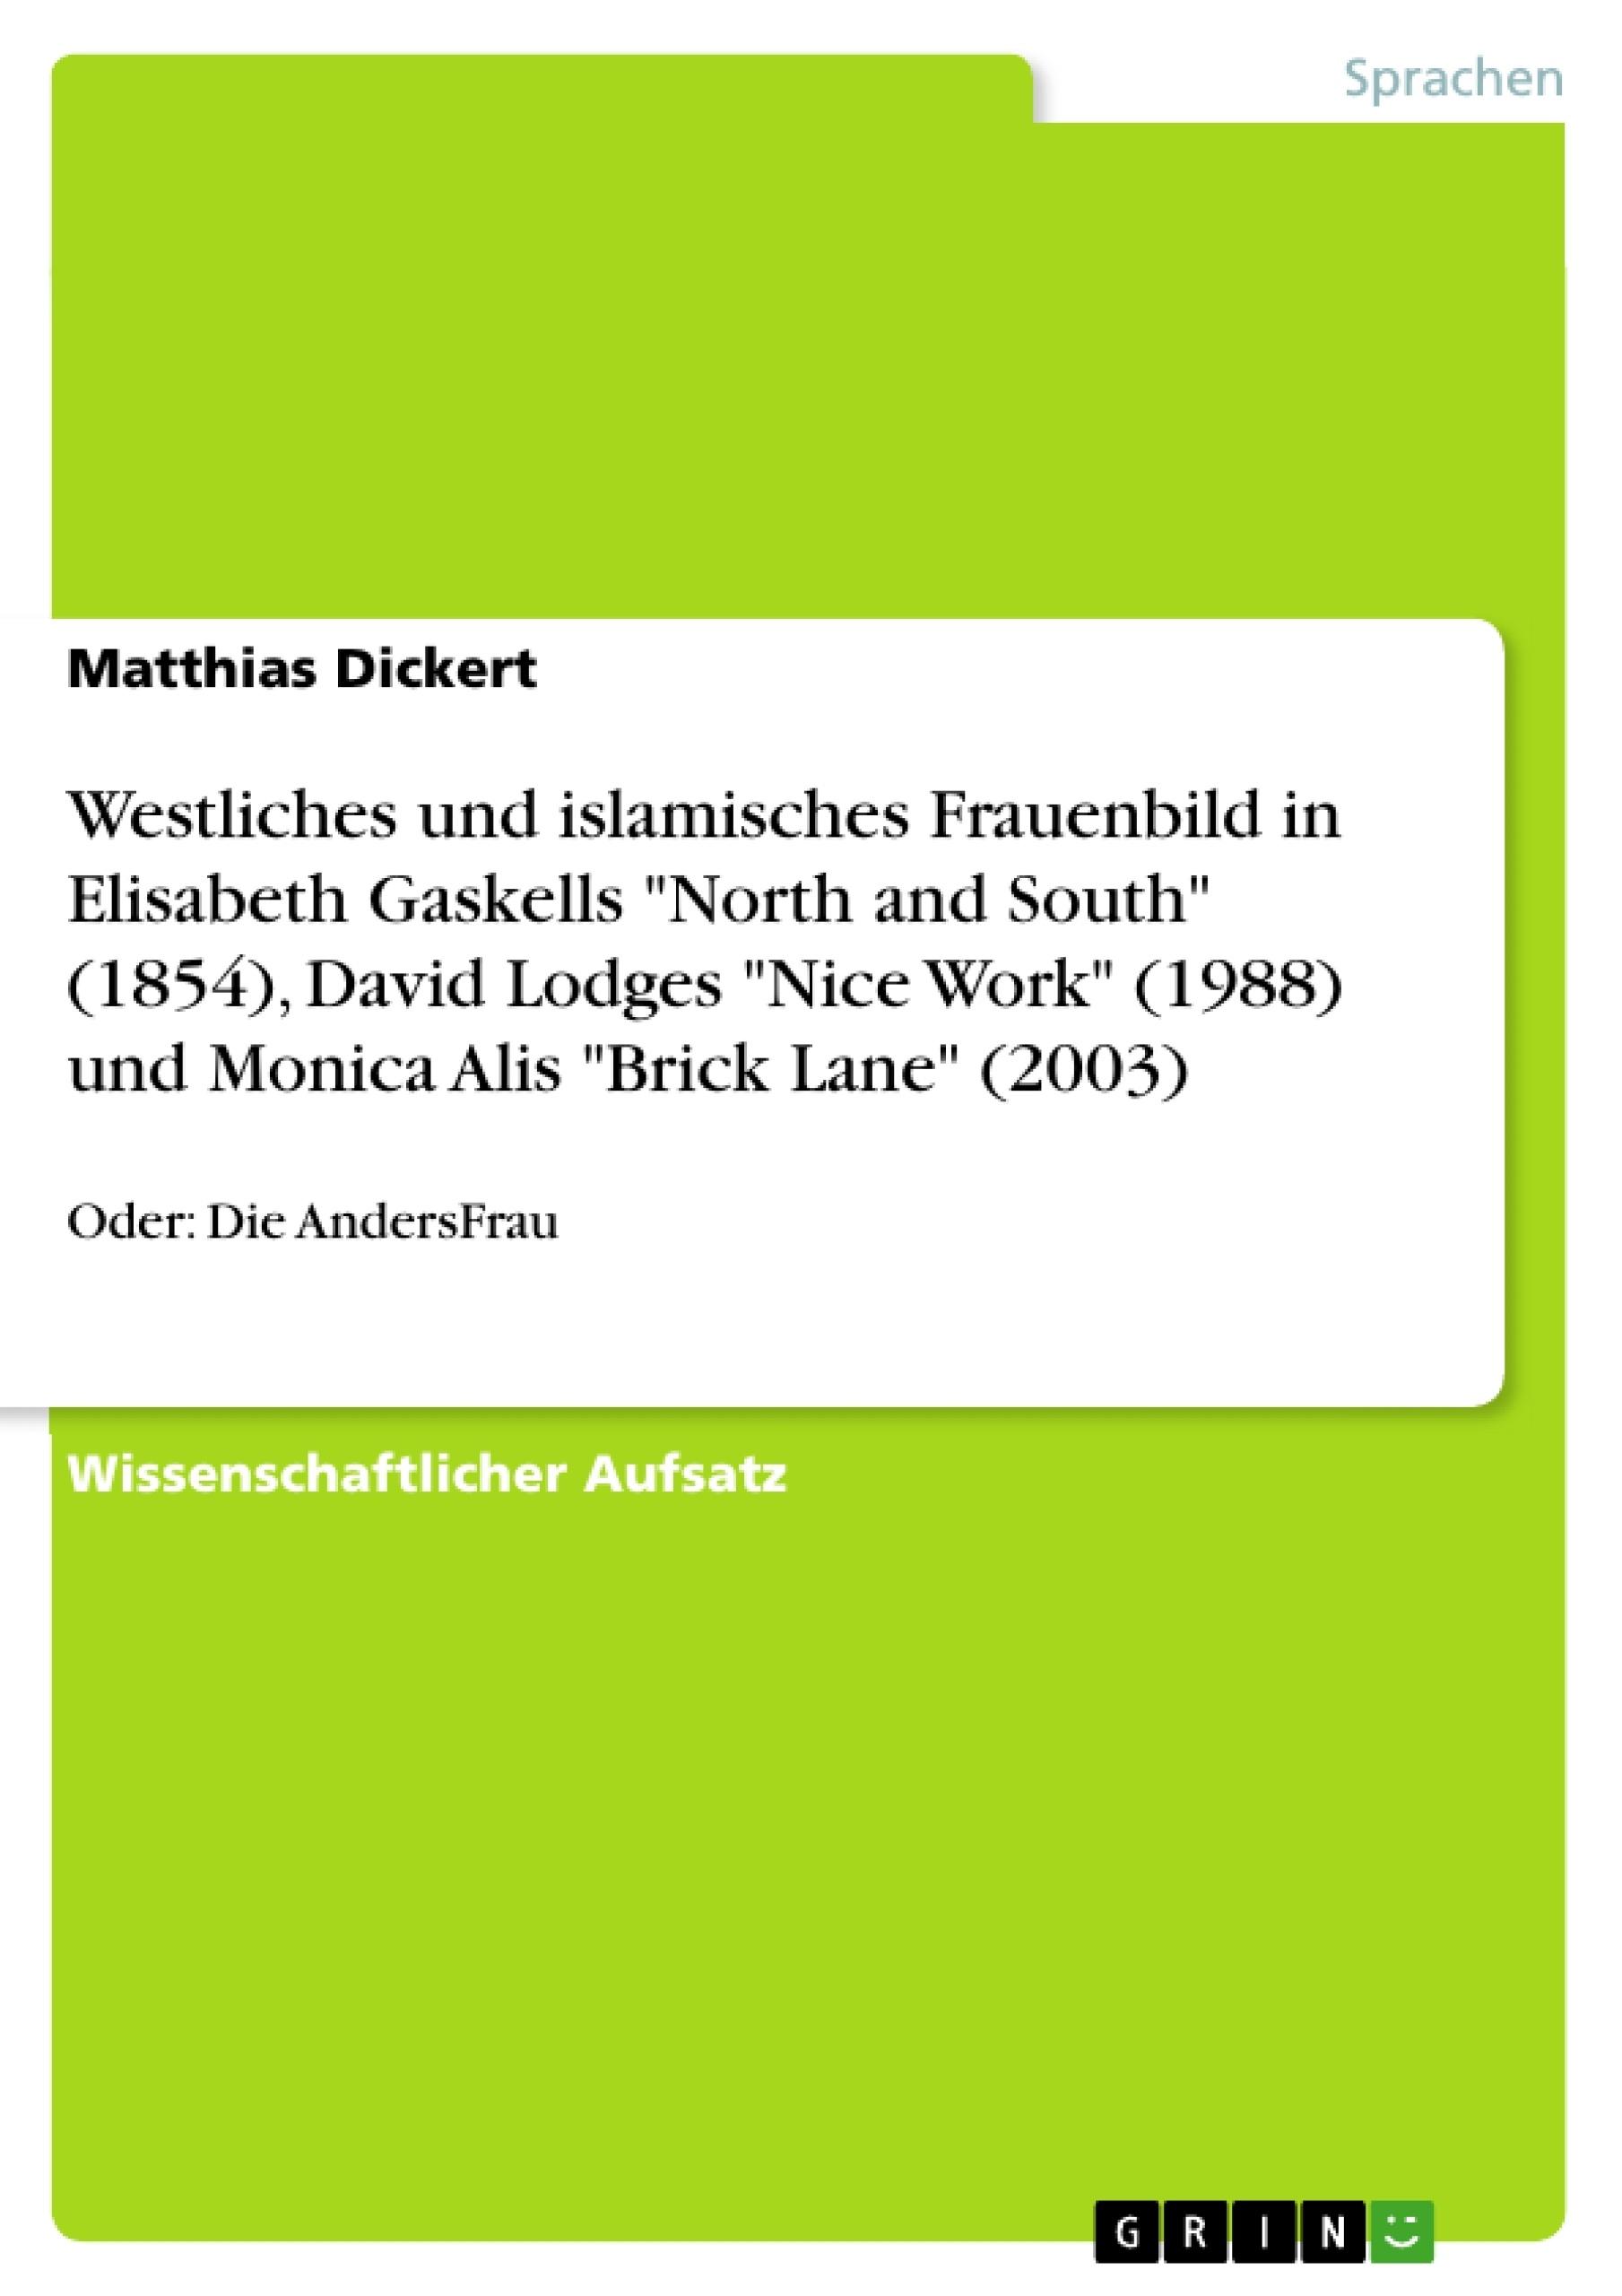 """Titel: Westliches und islamisches Frauenbild in Elisabeth Gaskells """"North and South"""" (1854), David Lodges """"Nice Work"""" (1988) und Monica Alis """"Brick Lane"""" (2003)"""